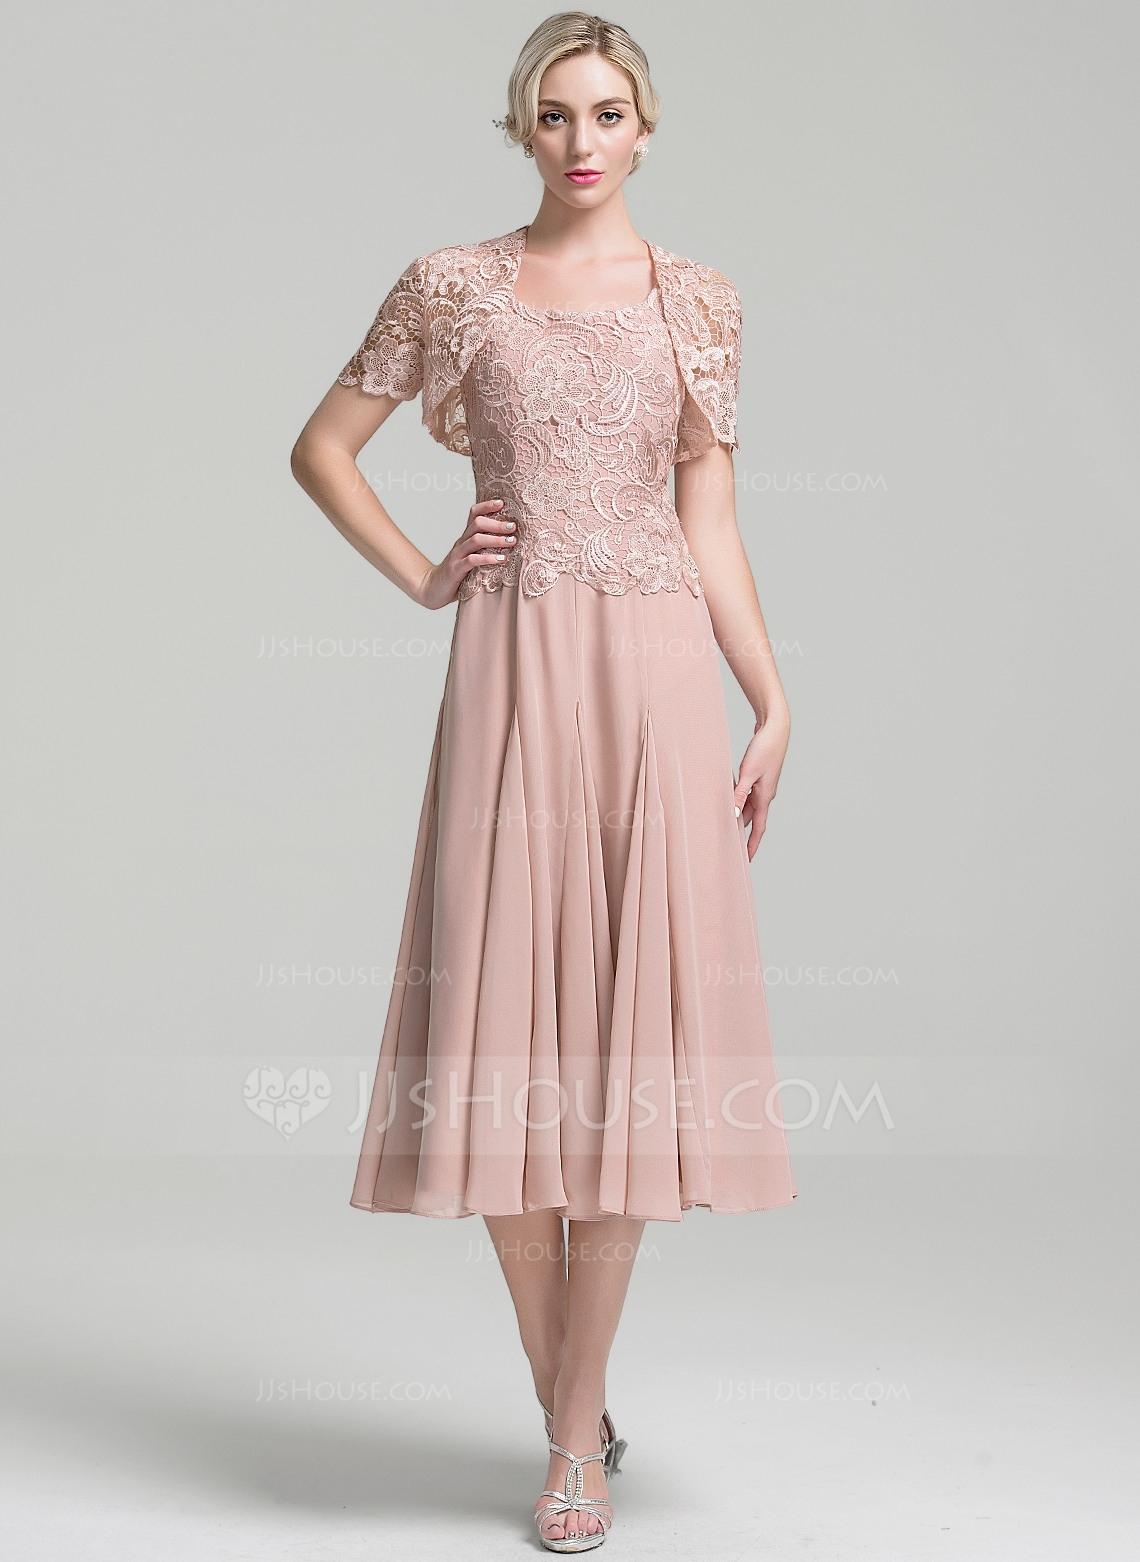 Designer Erstaunlich Elegante Kleider Wadenlang Bester PreisAbend Elegant Elegante Kleider Wadenlang Stylish